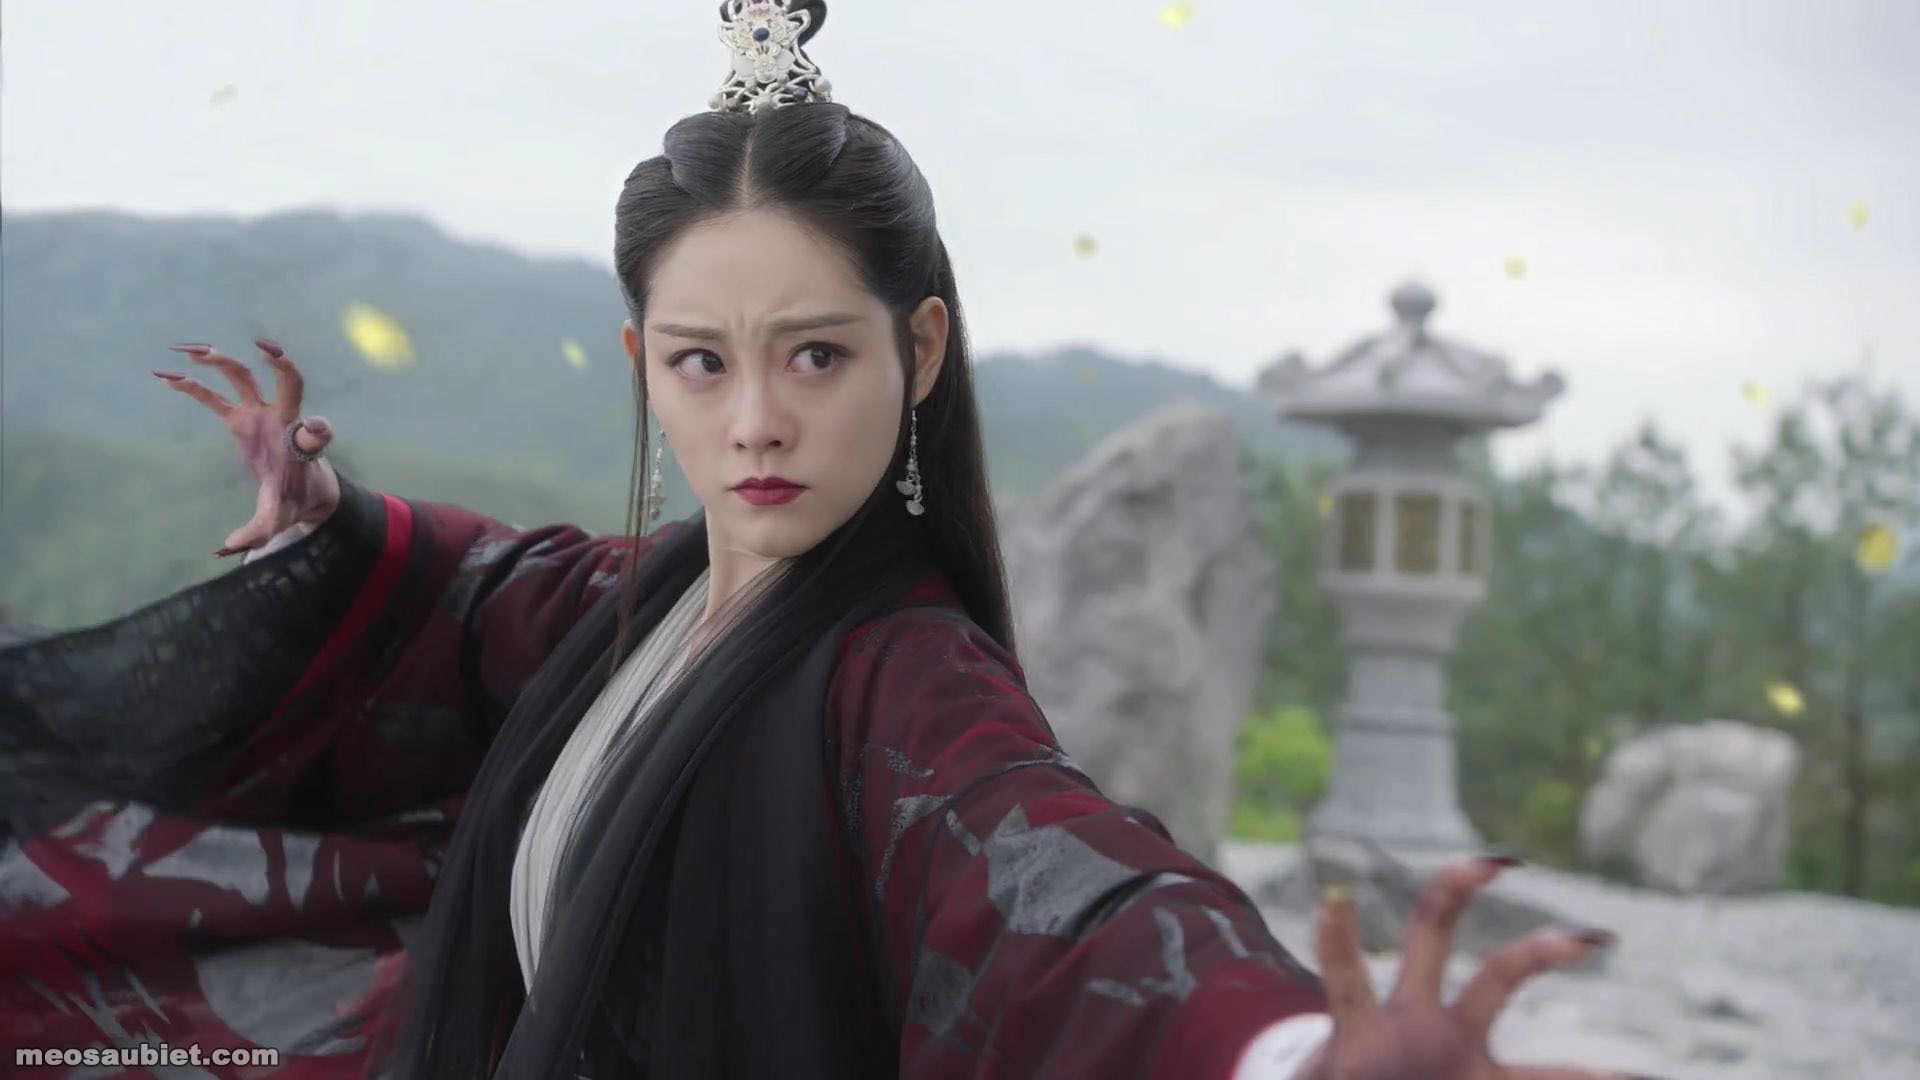 Tân Ỷ Thiên Đồ Long ký 2019 Chúc Tự Đan trong vai Chu Chỉ Nhược